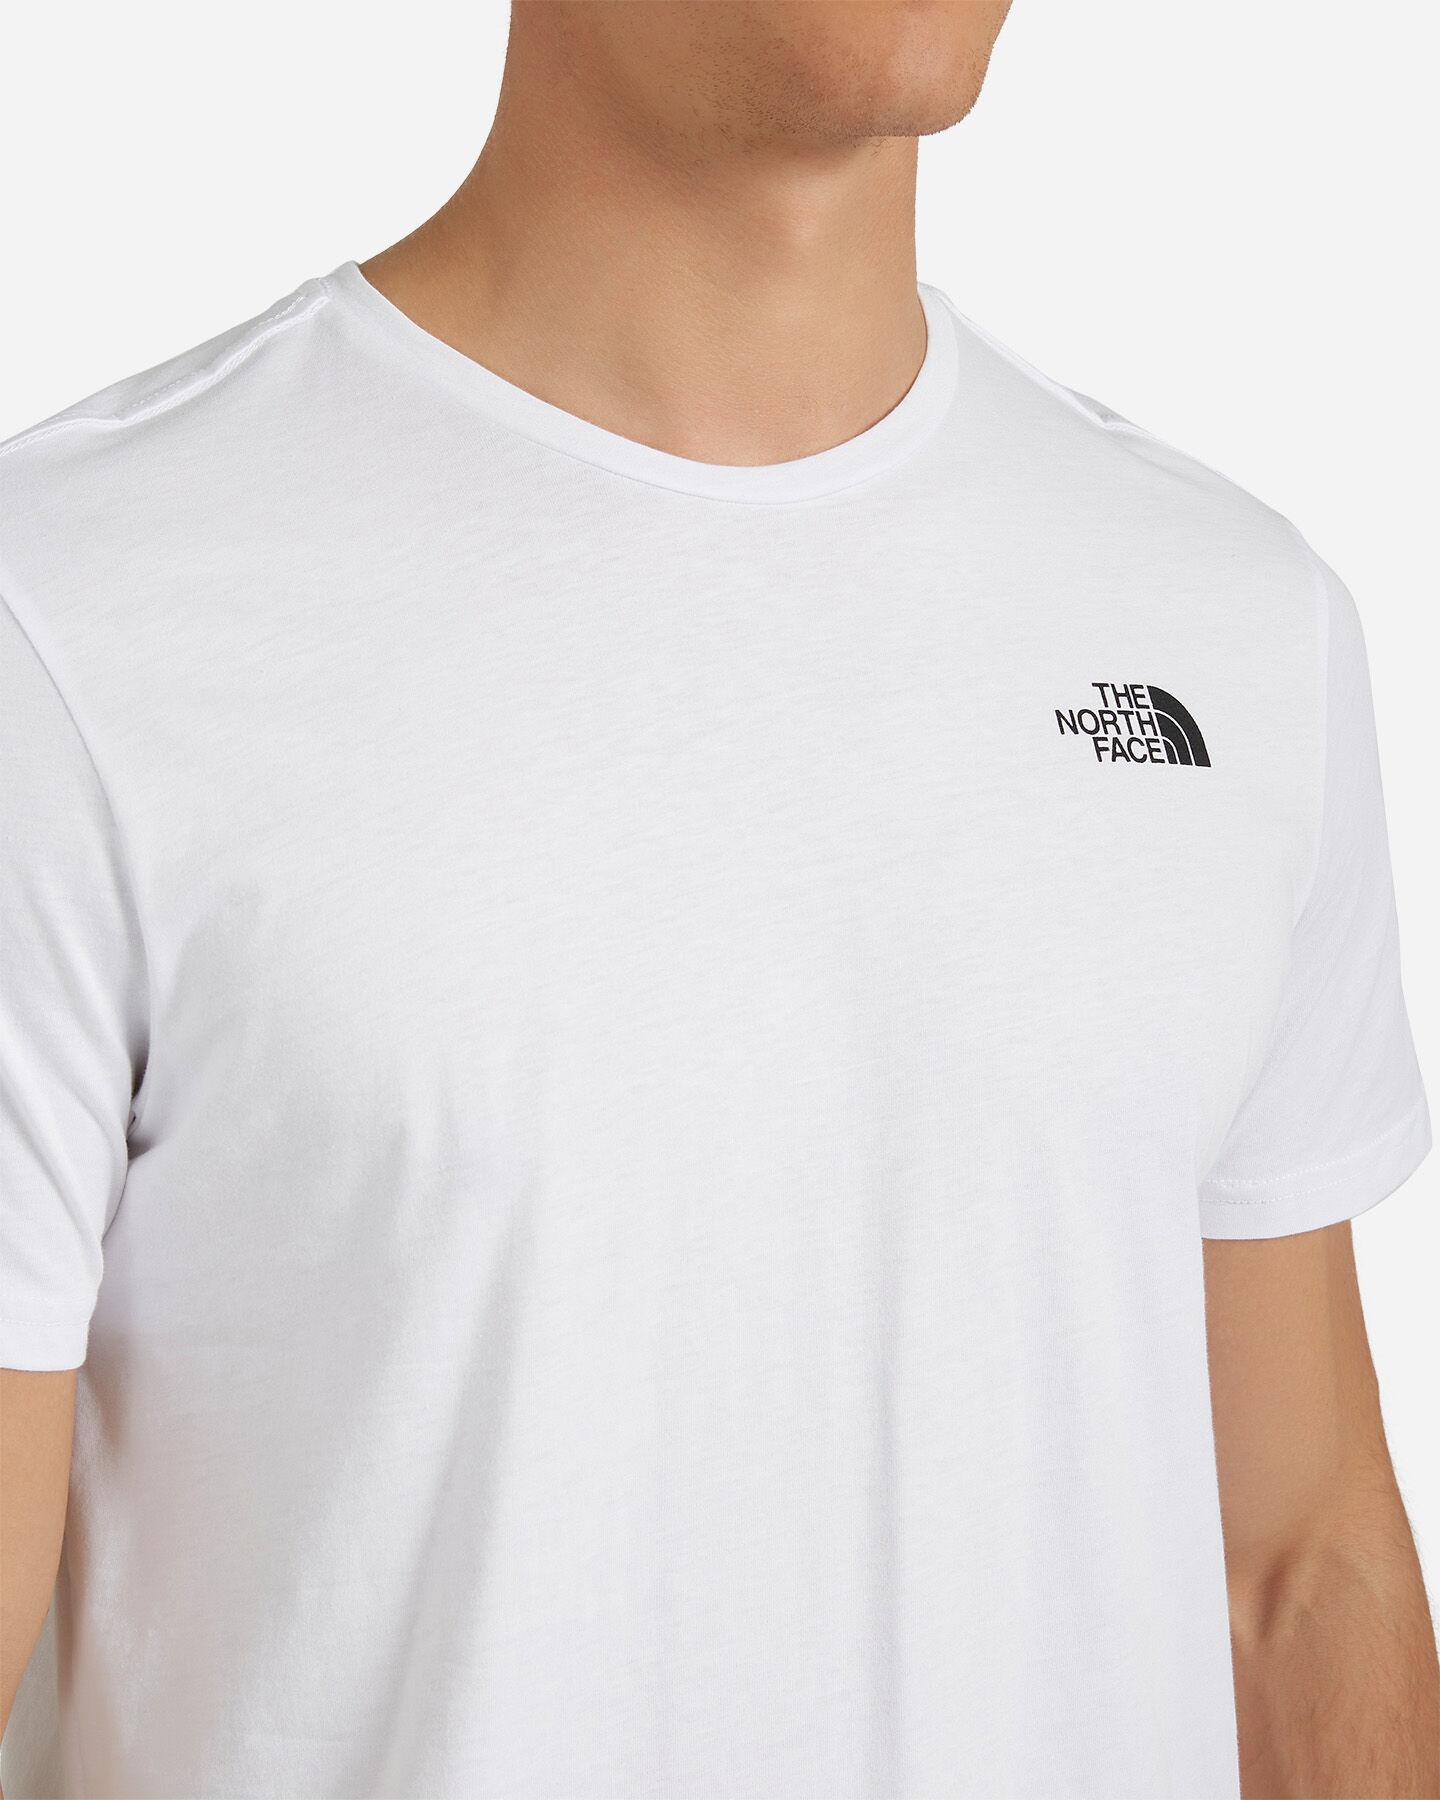 T-Shirt THE NORTH FACE TNF BERARD M S5181620 scatto 4